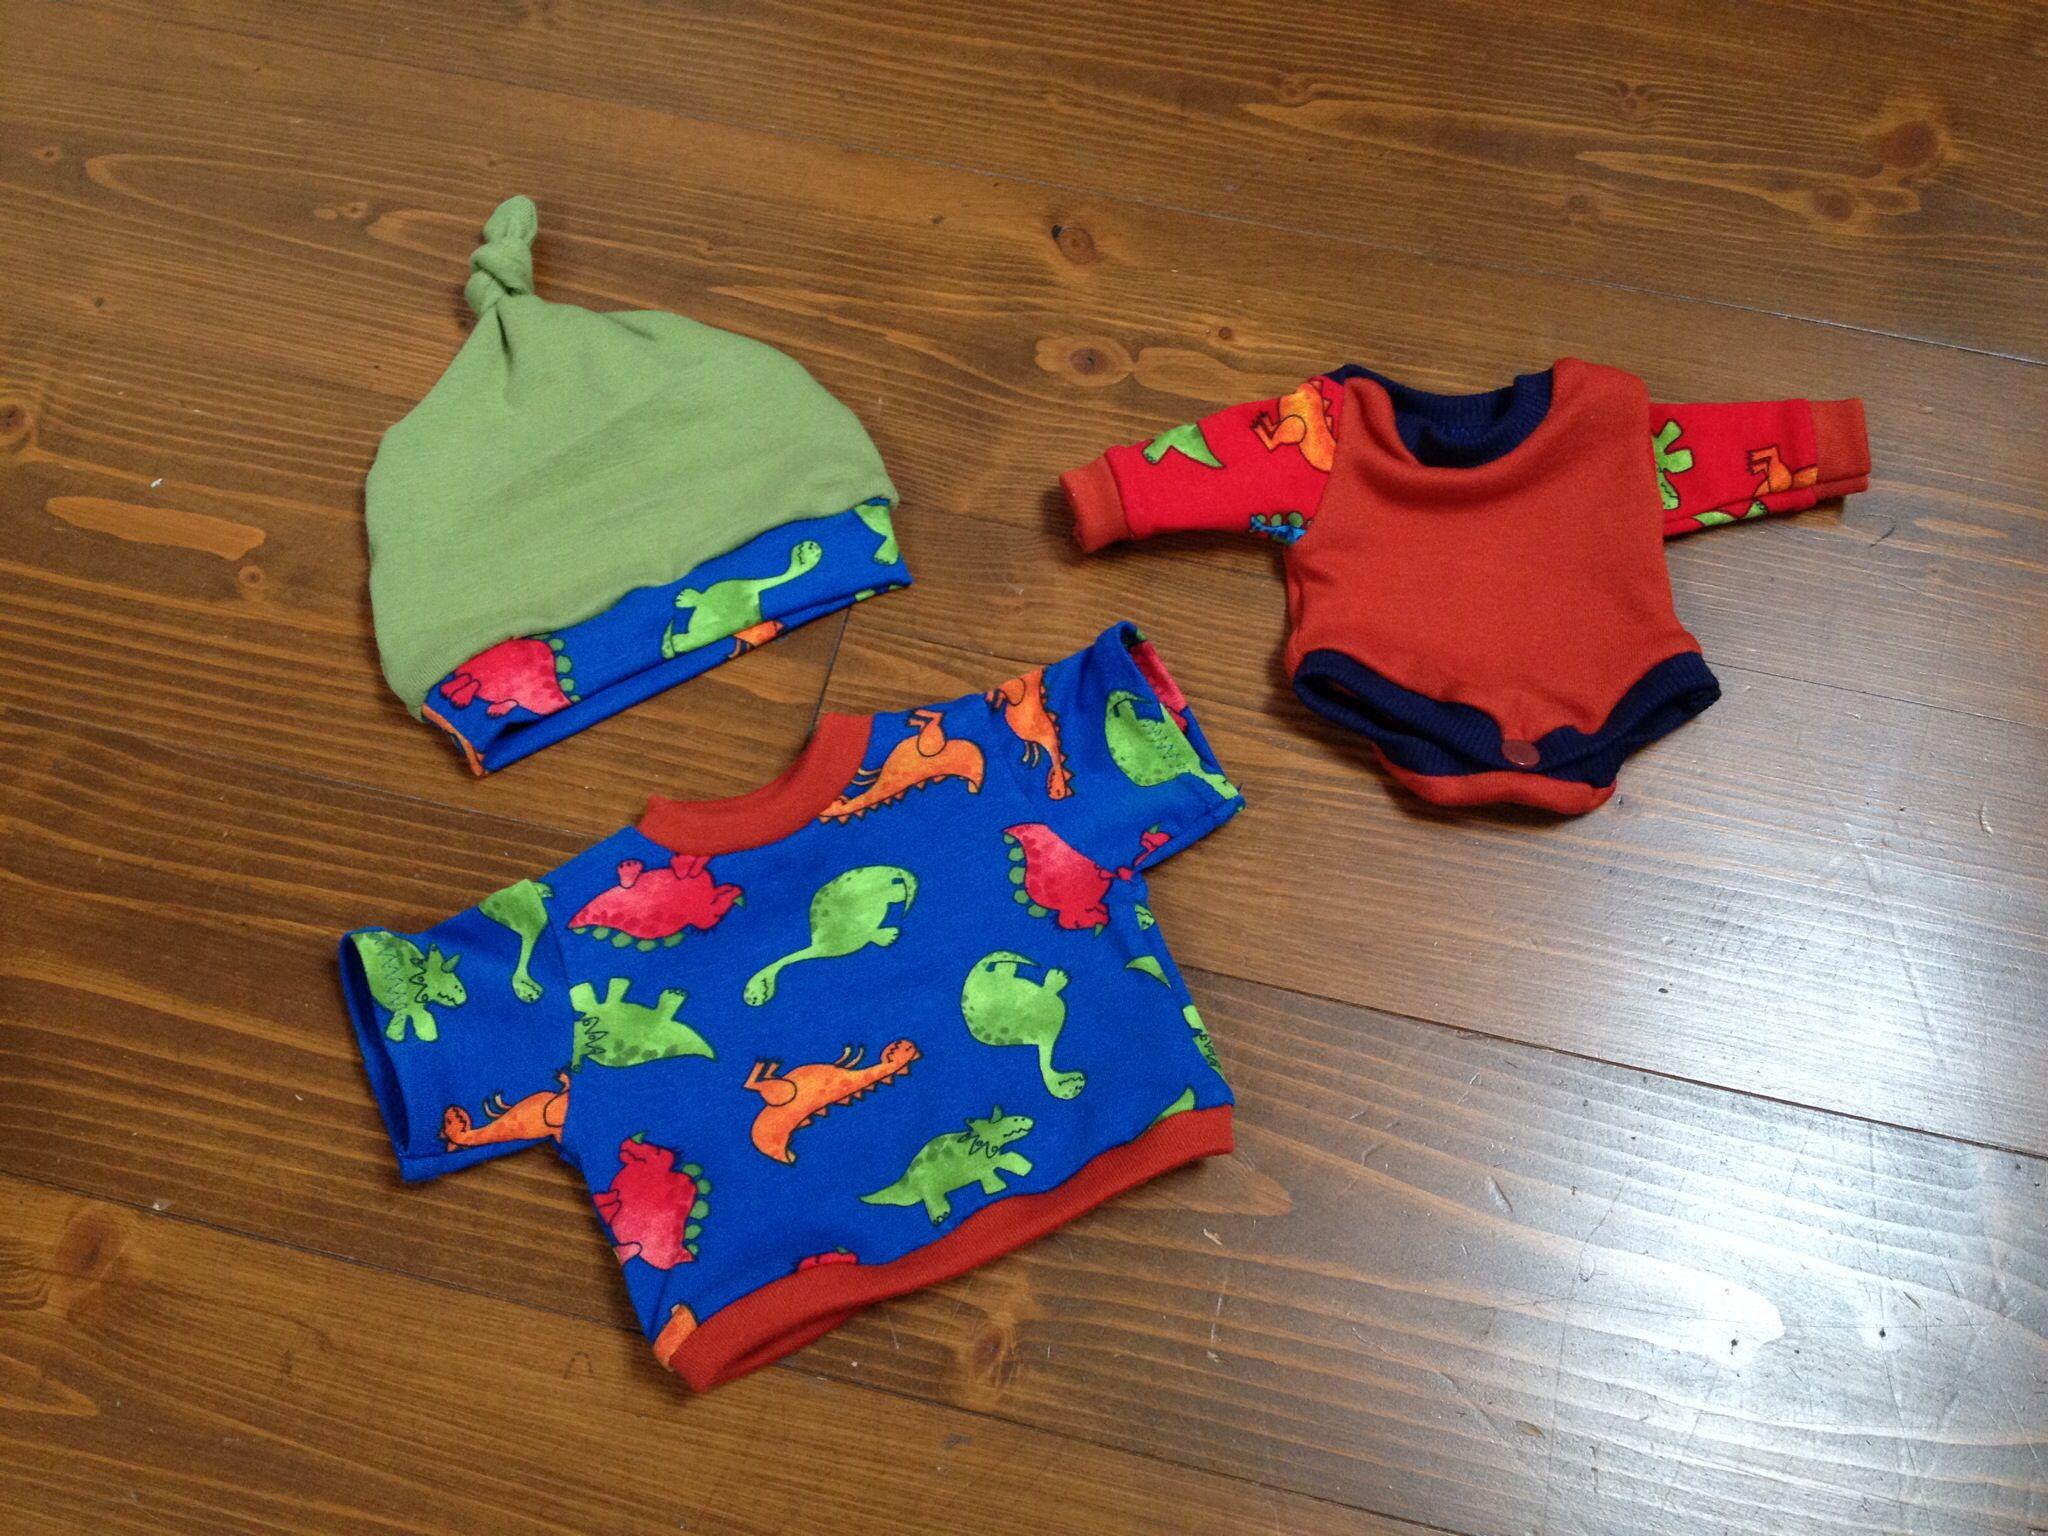 Mütze nach dem Schnitt von mamahoch2.de, Regenbogenbody für Puppen von Schnabelina, T-Shirt nach einem uralten Papierschnitt